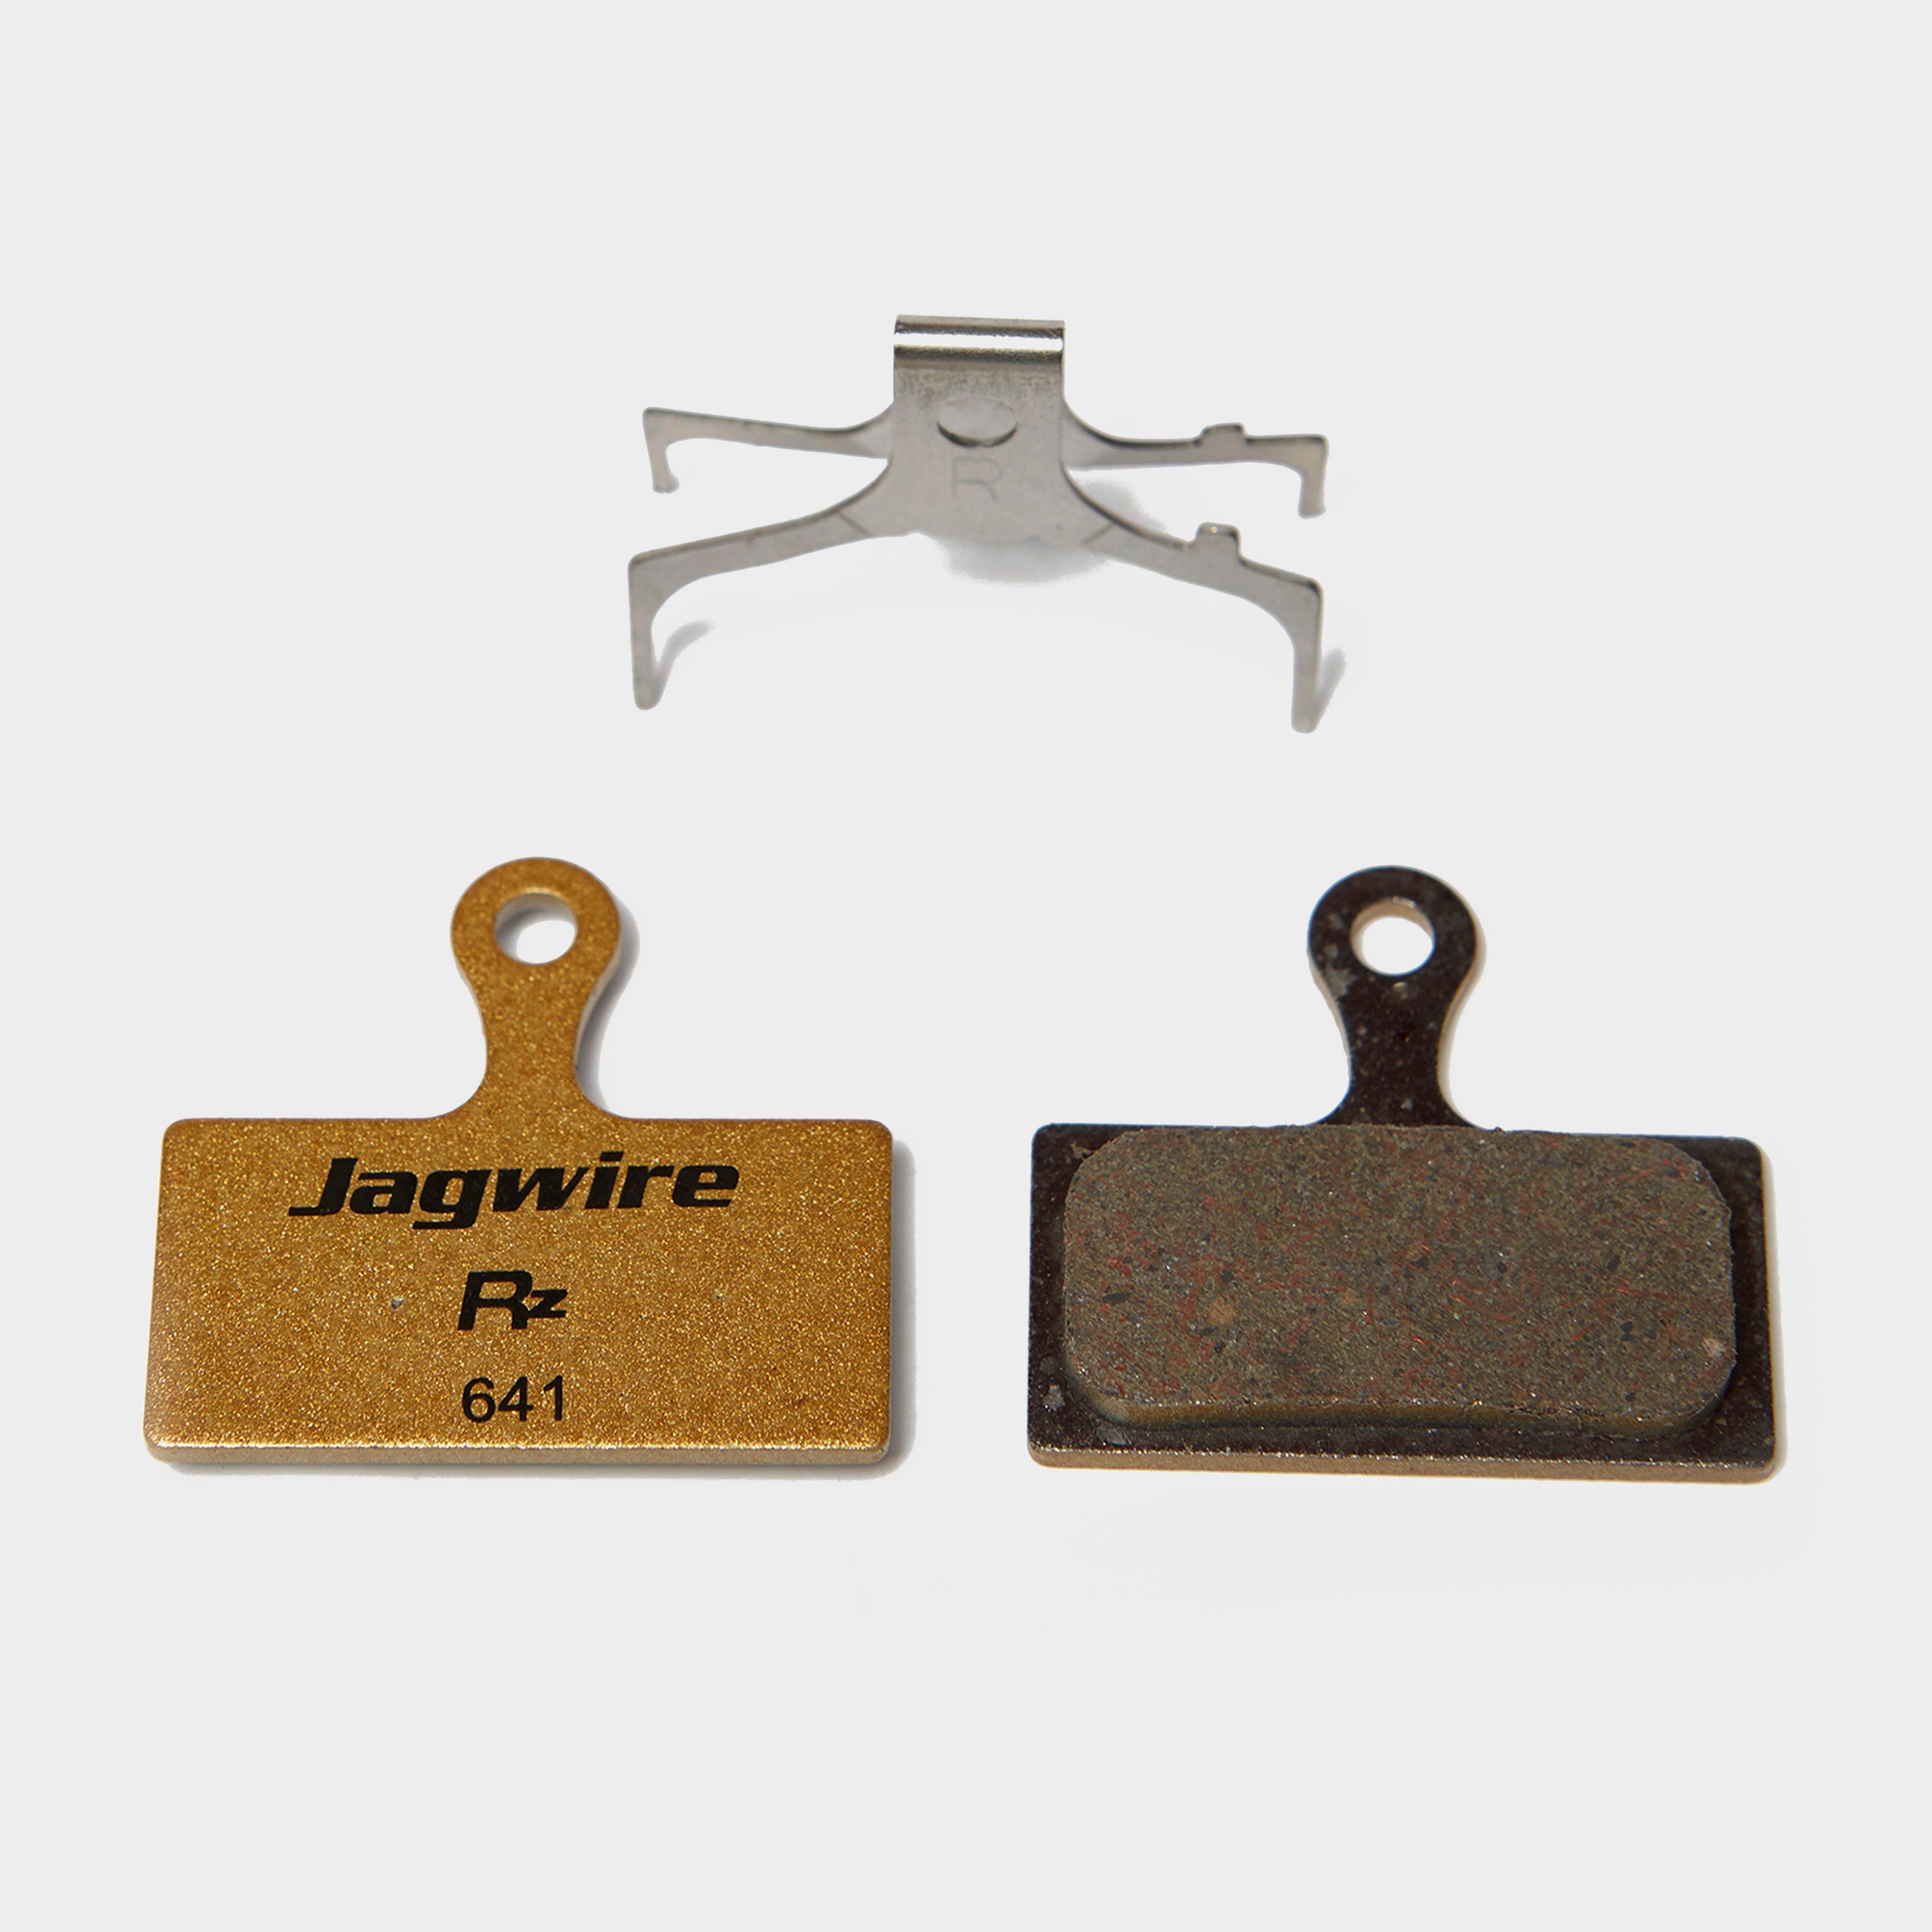 JAGWIRE Shimano Mountain Pro Brake Pads